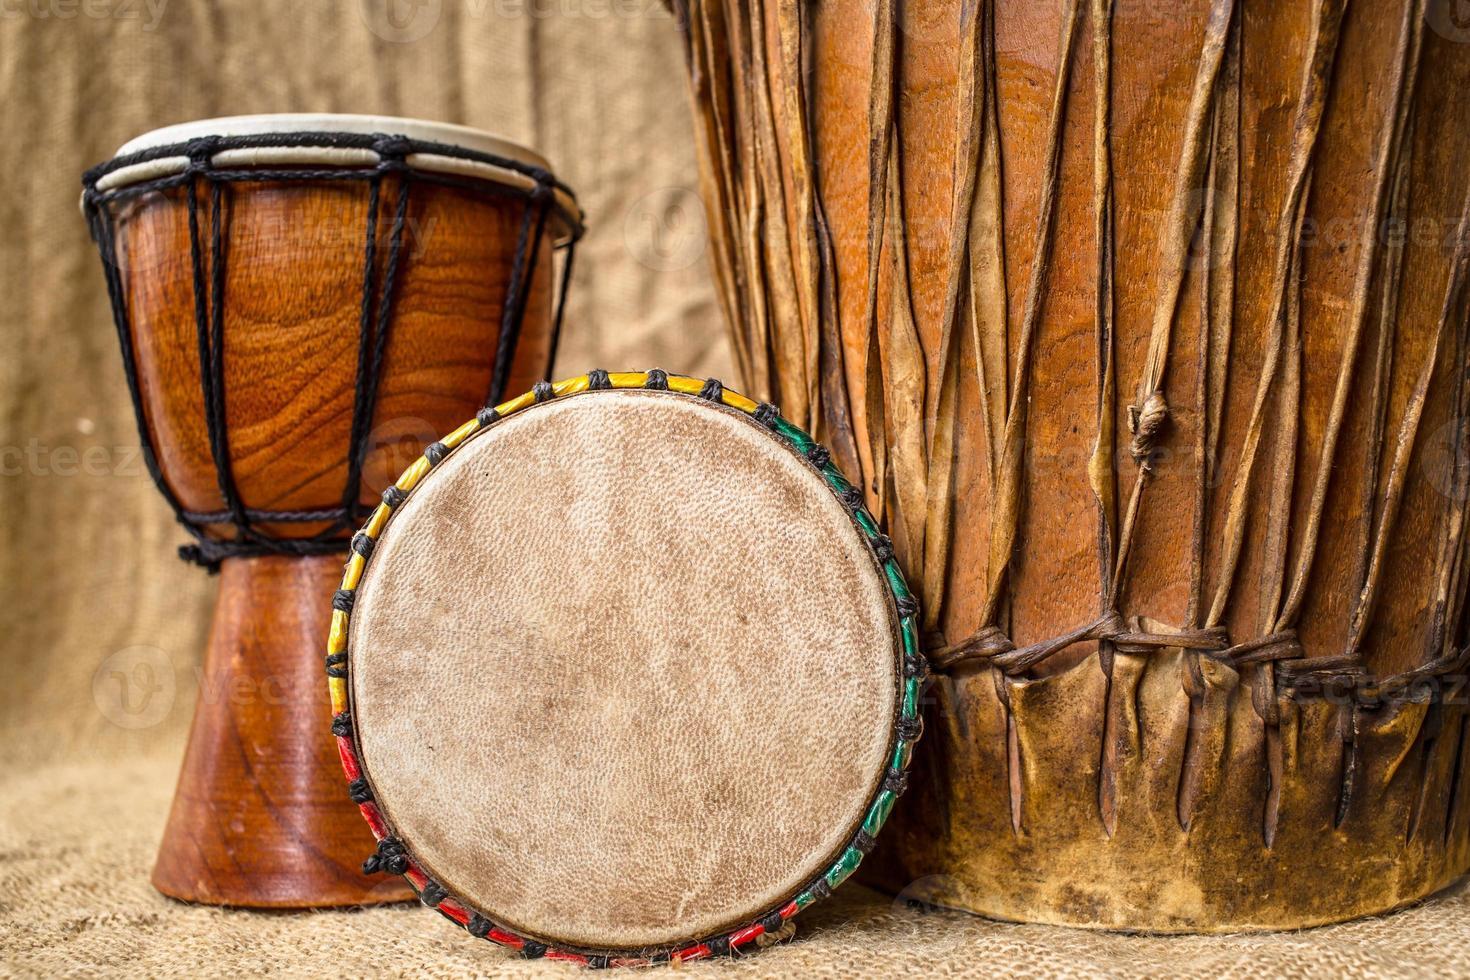 handmade djembe drums photo